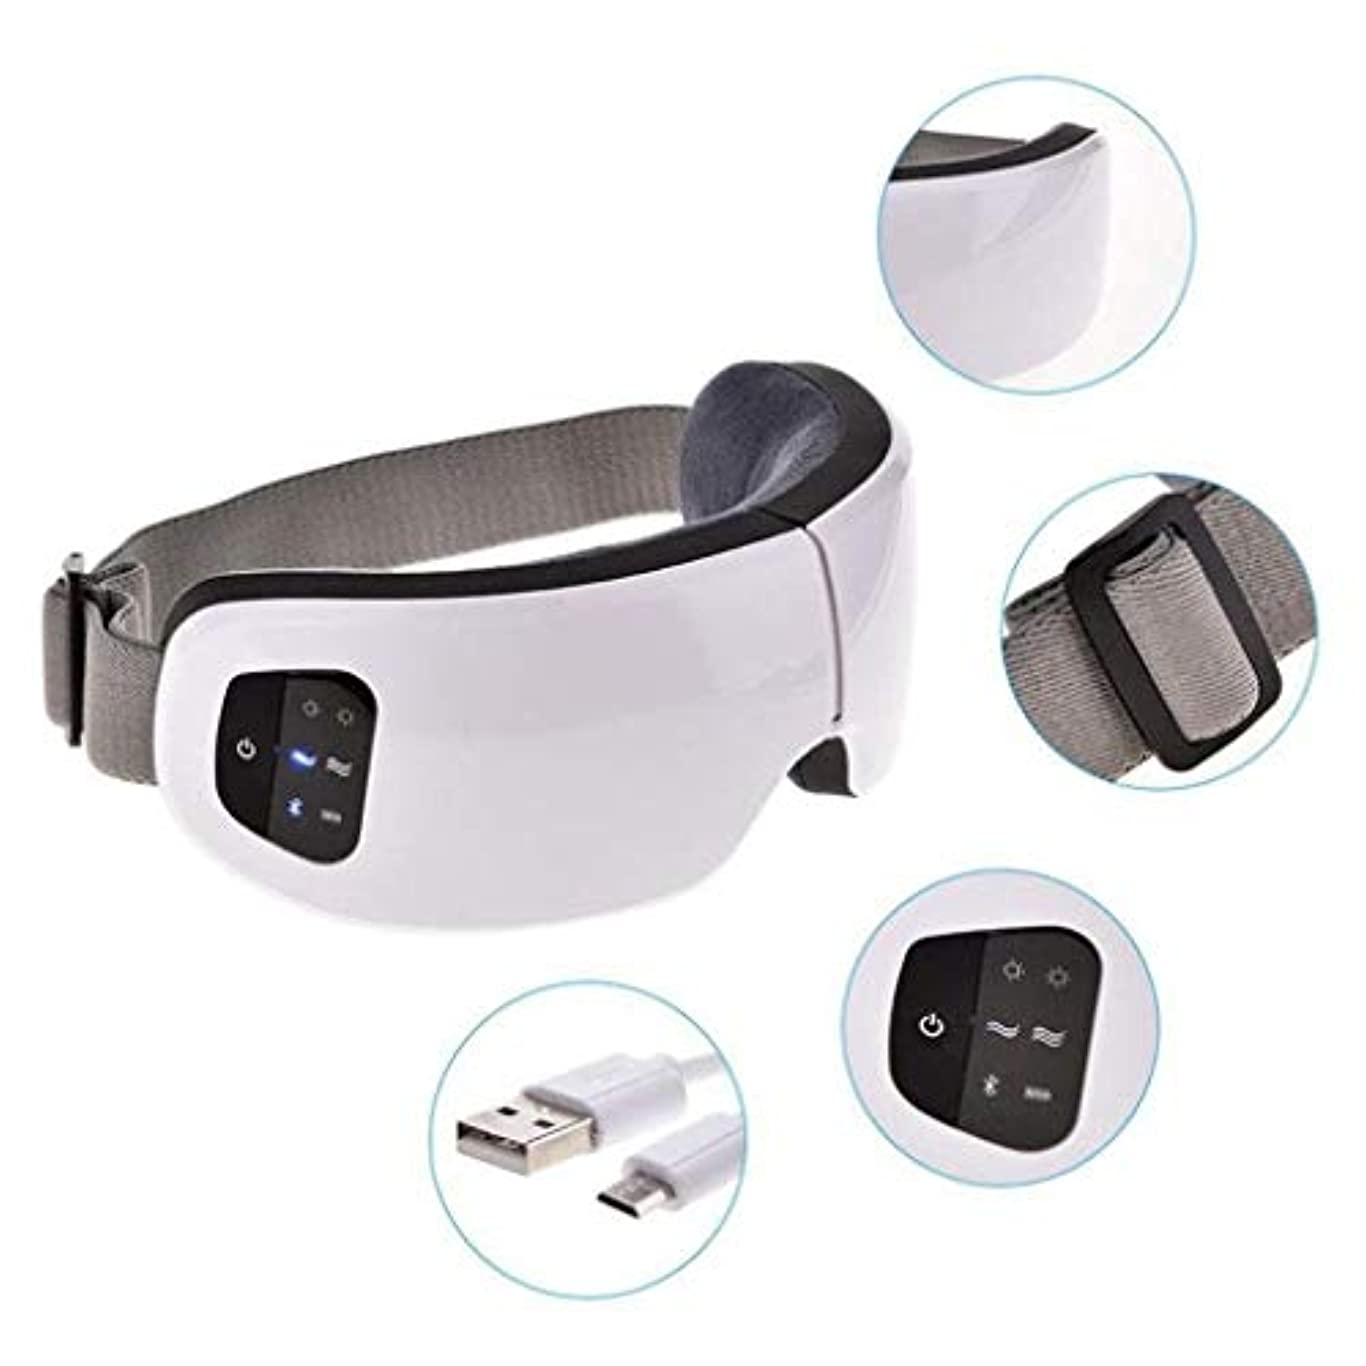 ホットプレス充電式ワイヤレスアイマッサージャーマスク空気圧振動とBluetooth機能付きアイバッグ、ダークサークル、アイ疲労、ドライアイ